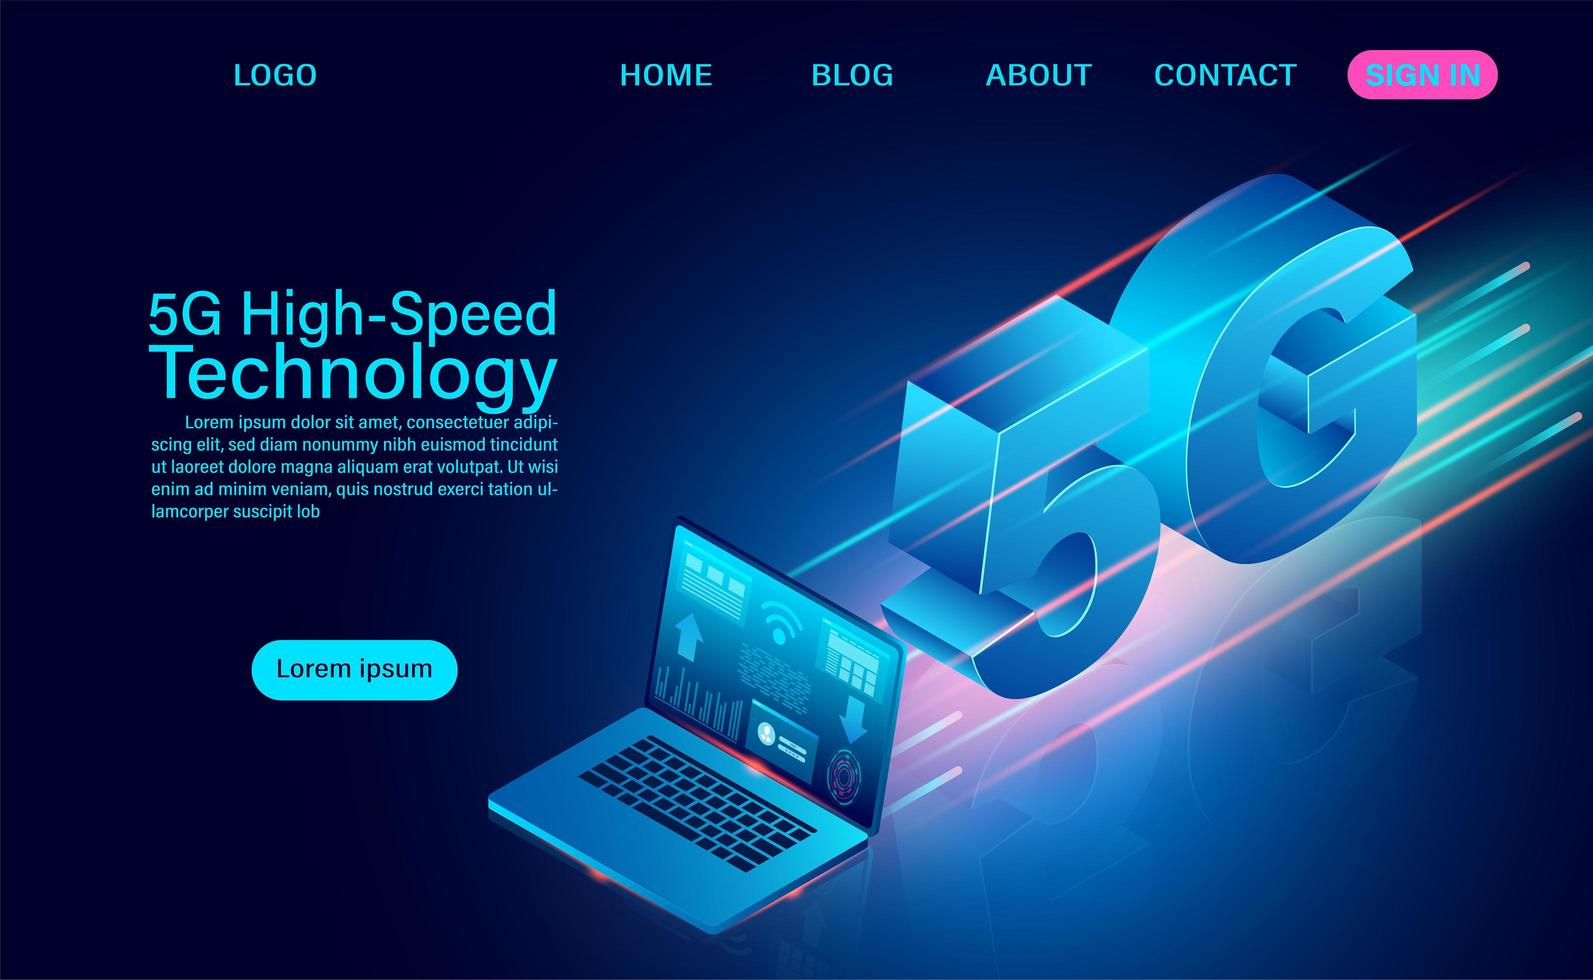 Technologie haute vitesse 5g avec ordinateur portable vecteur